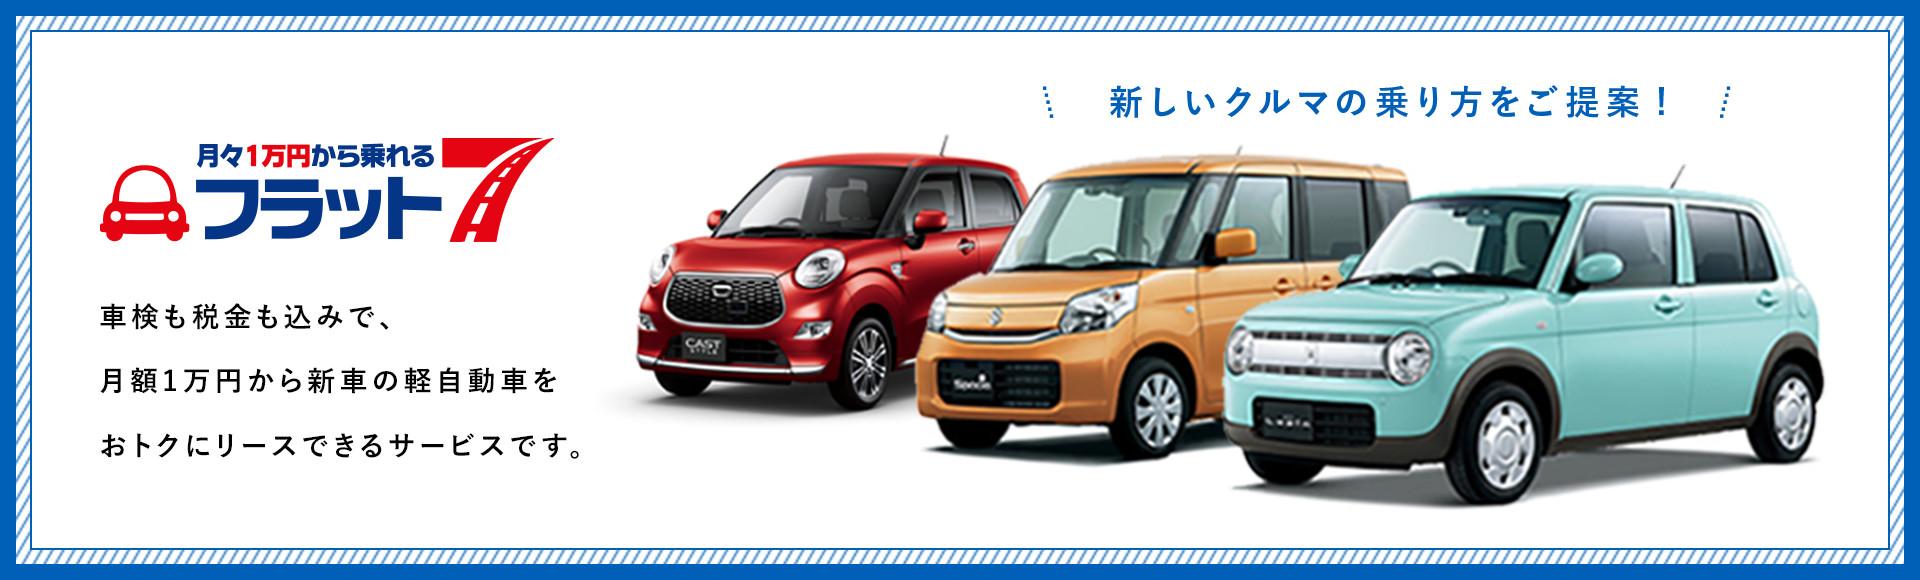 月々1万円から乗れるフラット7 車検も税金も込みで、月額1万円から新車の軽自動車をおトクにリースできるサービスです。